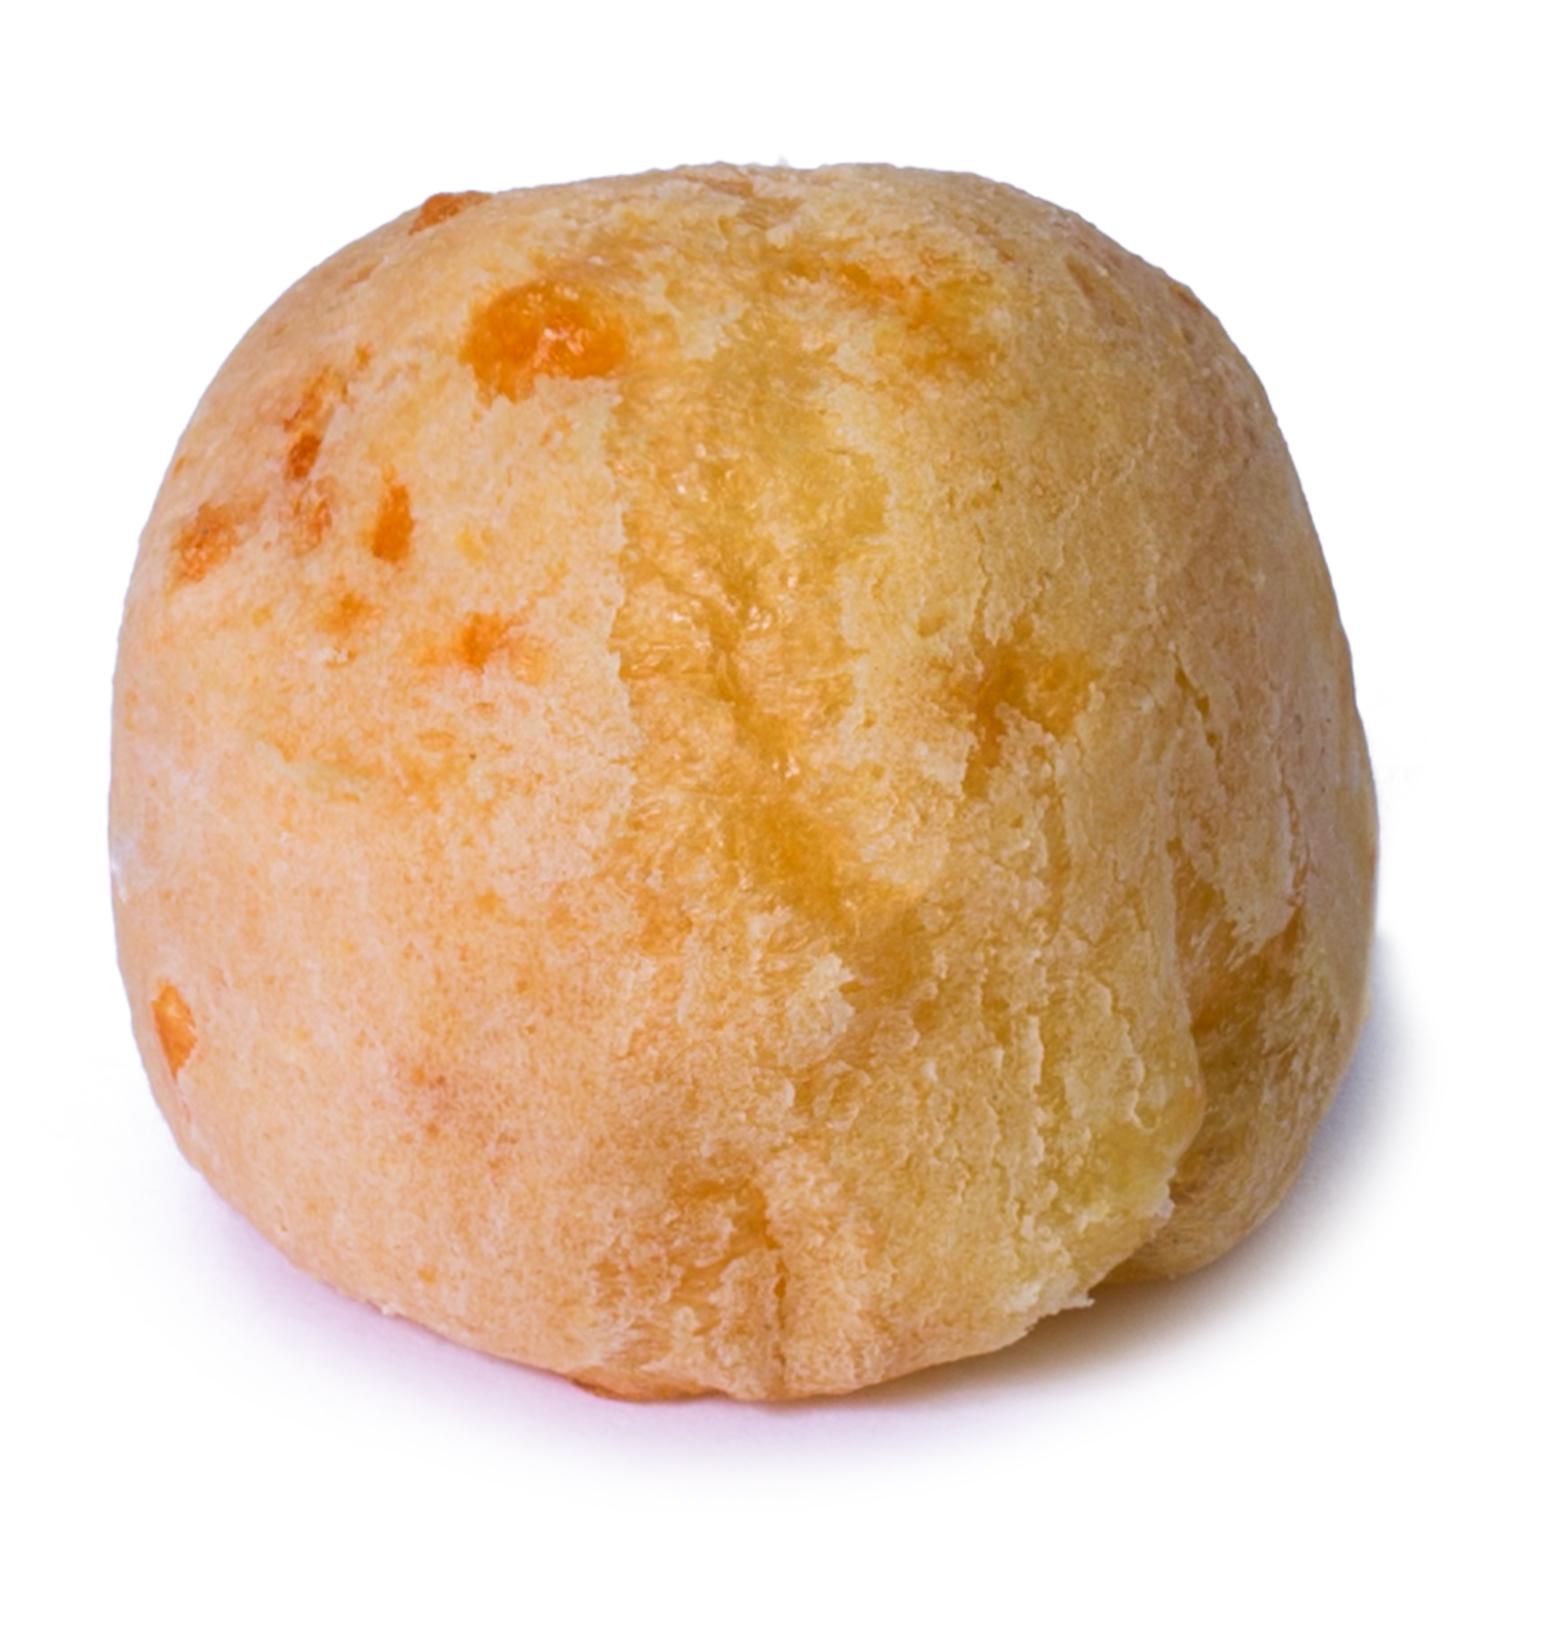 Lanche - Pães de Queijo Lanche - Pão de Queijo 30g Premium